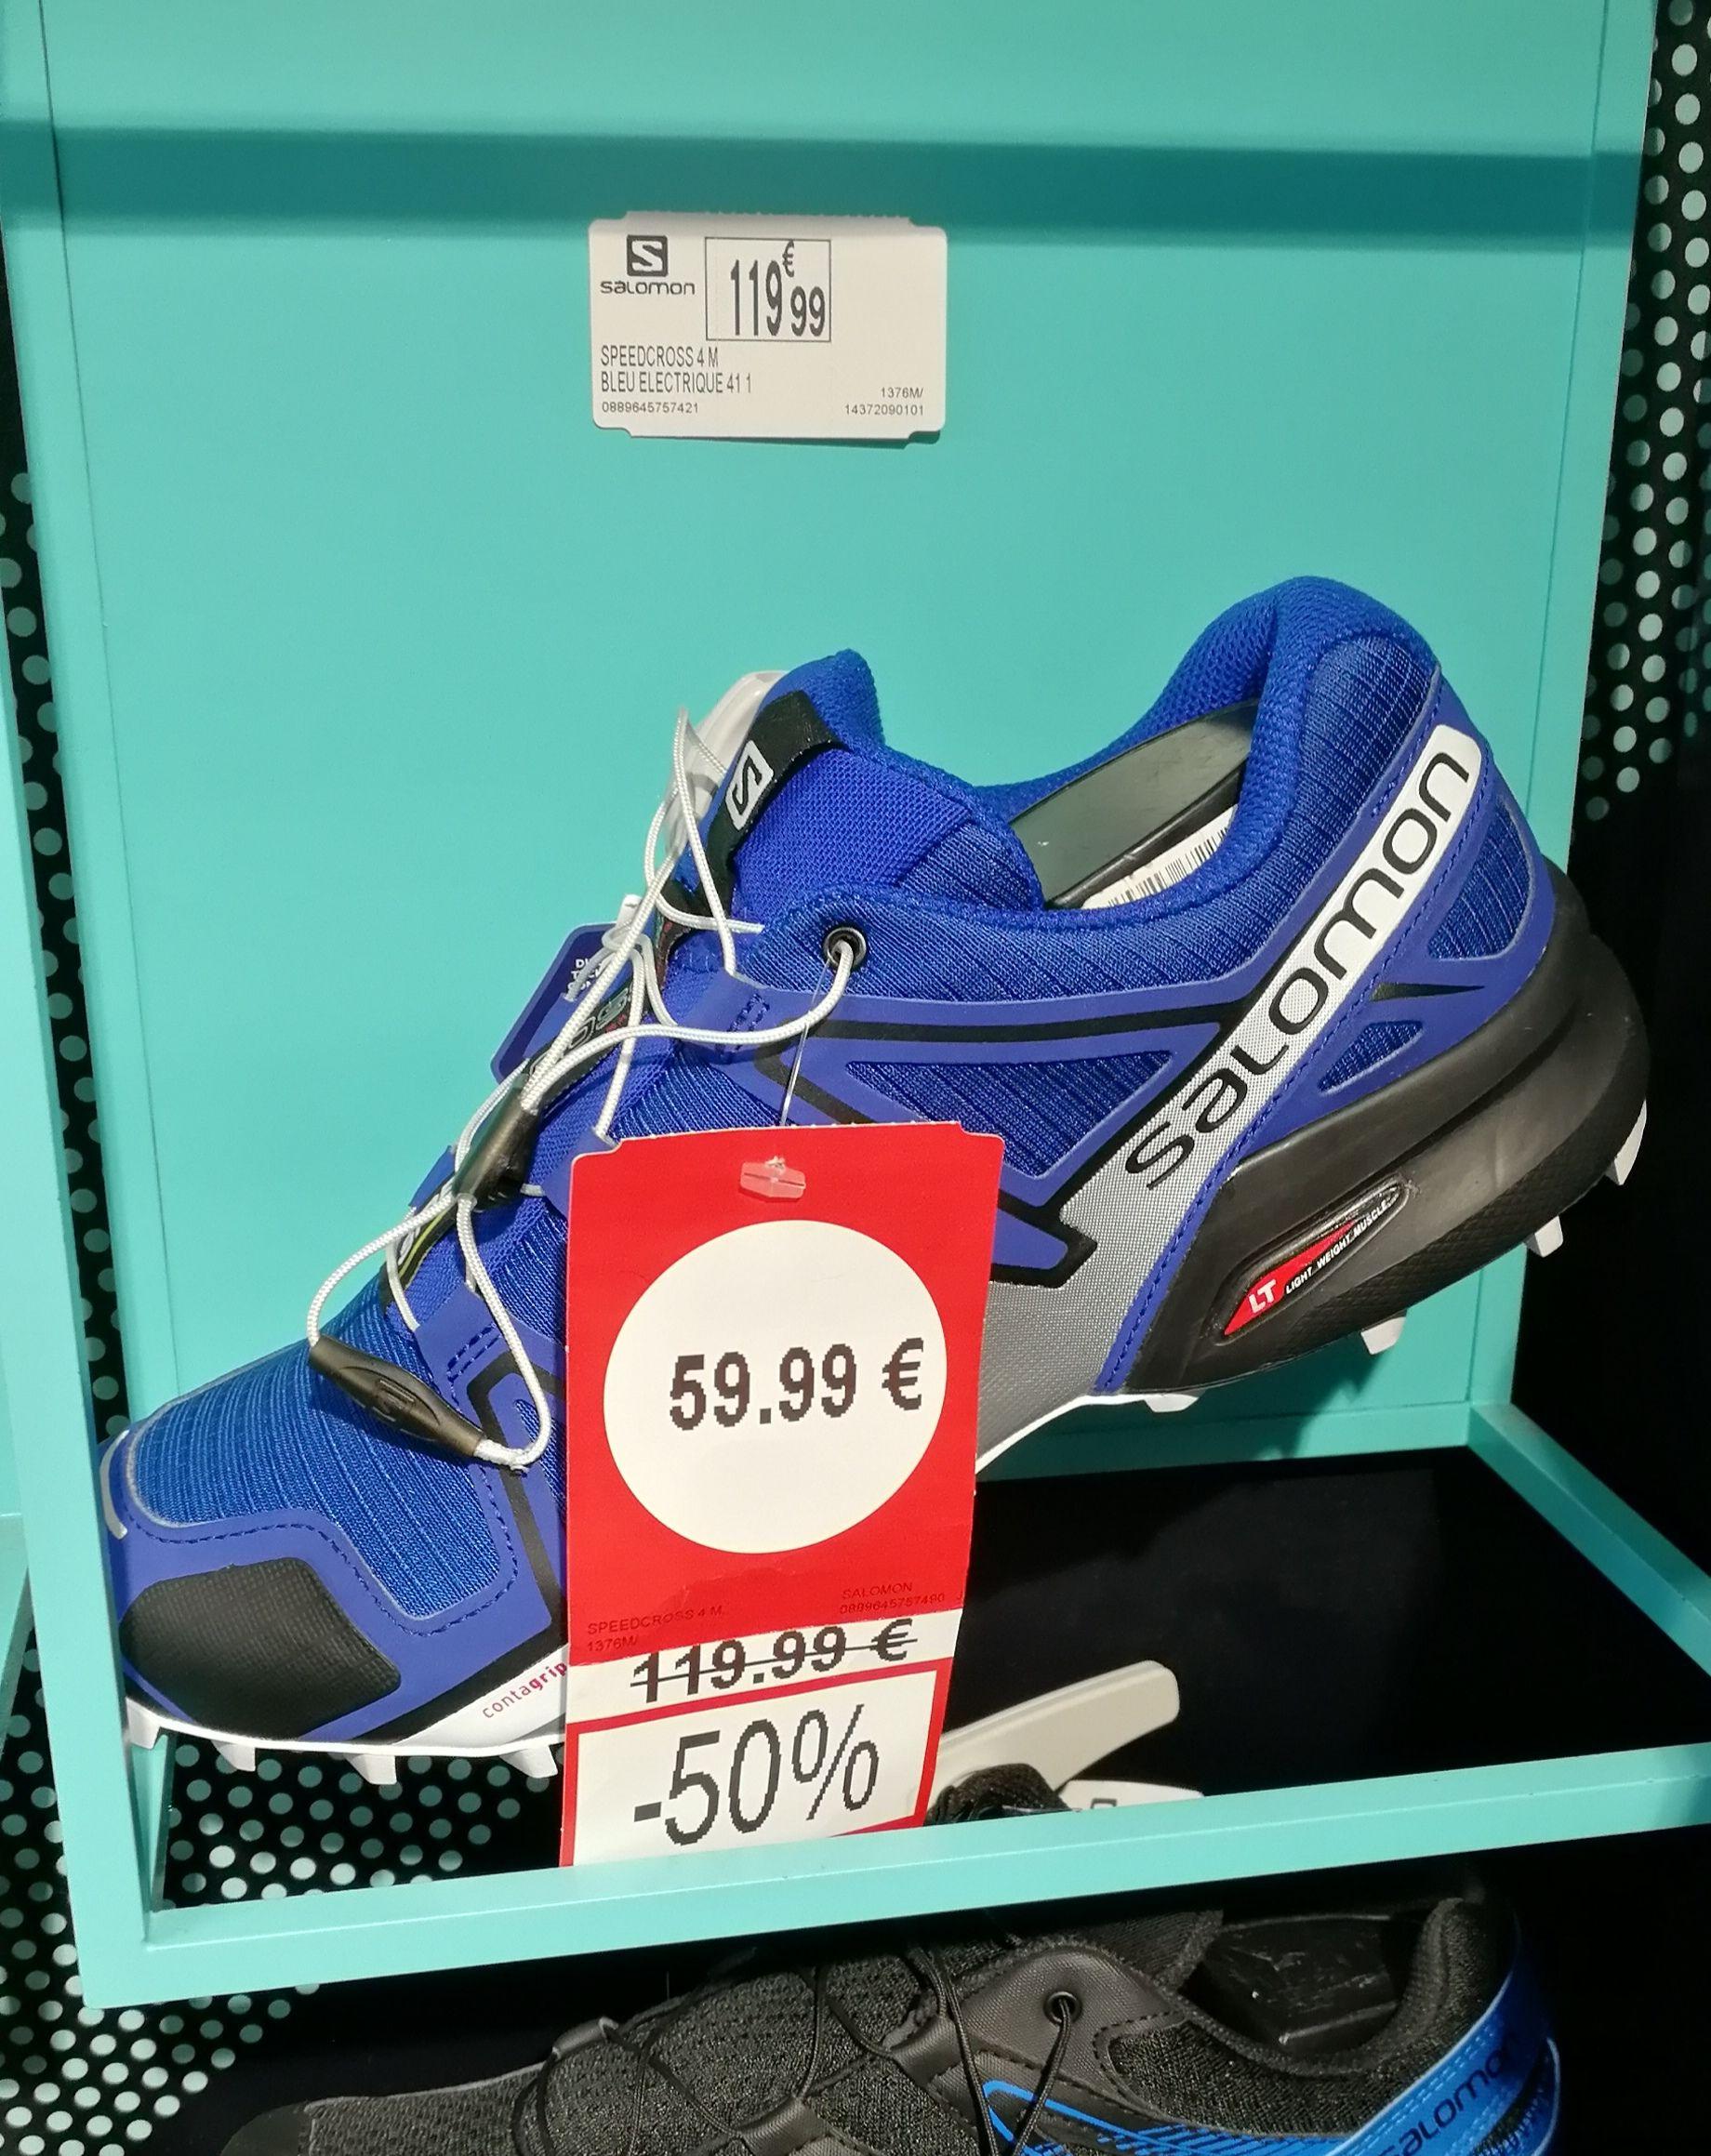 Chaussures Salomon speedcross 4 Bleu électrique